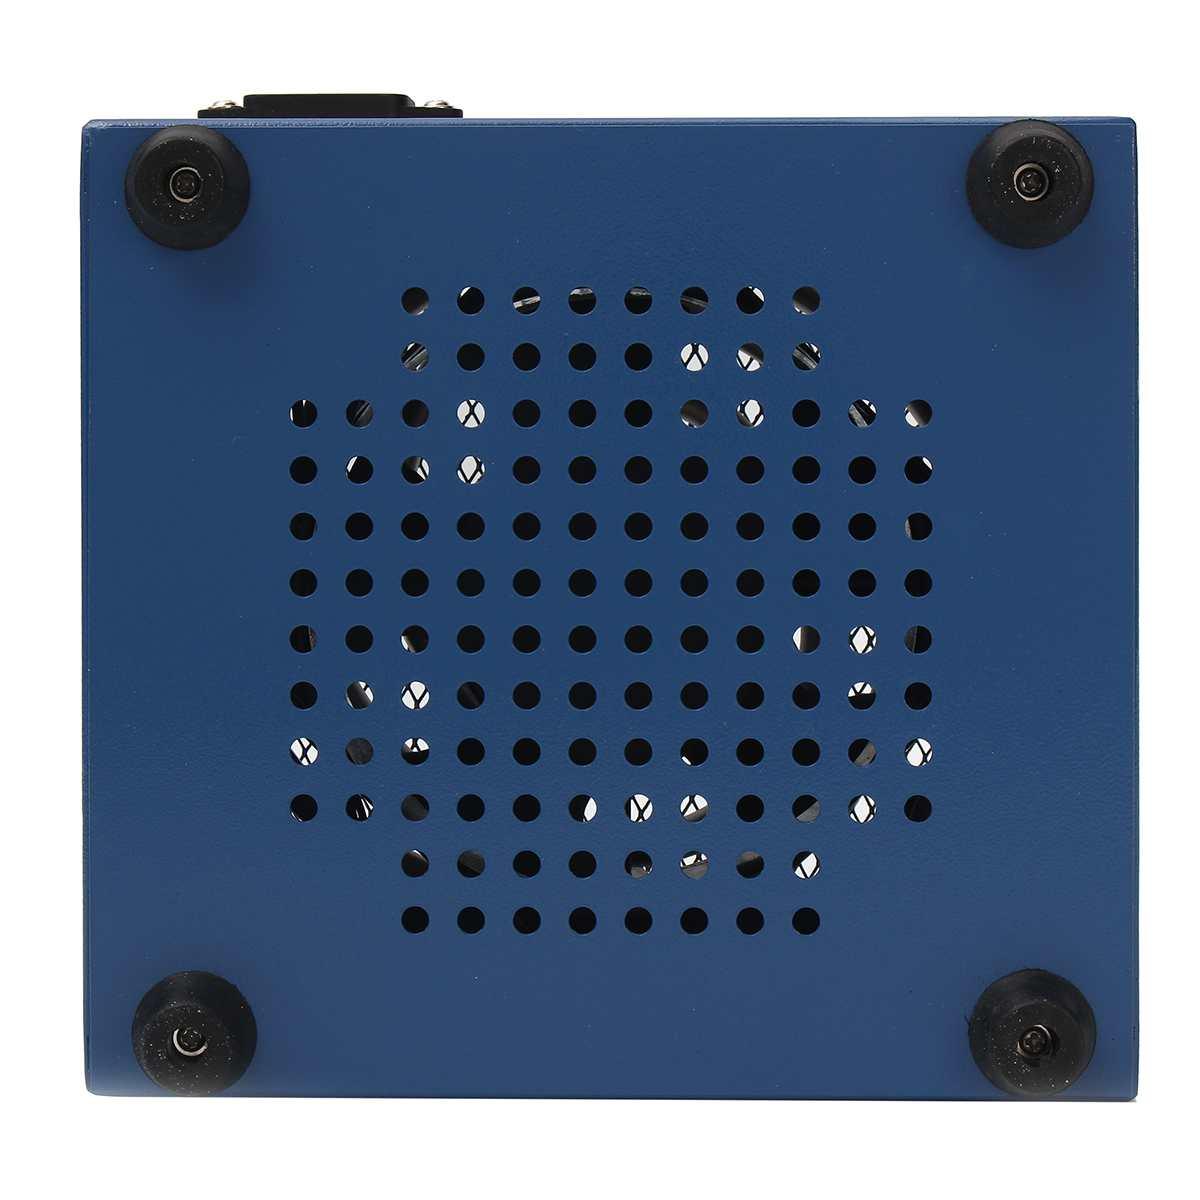 Горячая Prokit набор инструментов для домашнего ремонта 13 комплектов общий набор инструментов для дома крестовая отвертка 1PK 636B 1 - 5